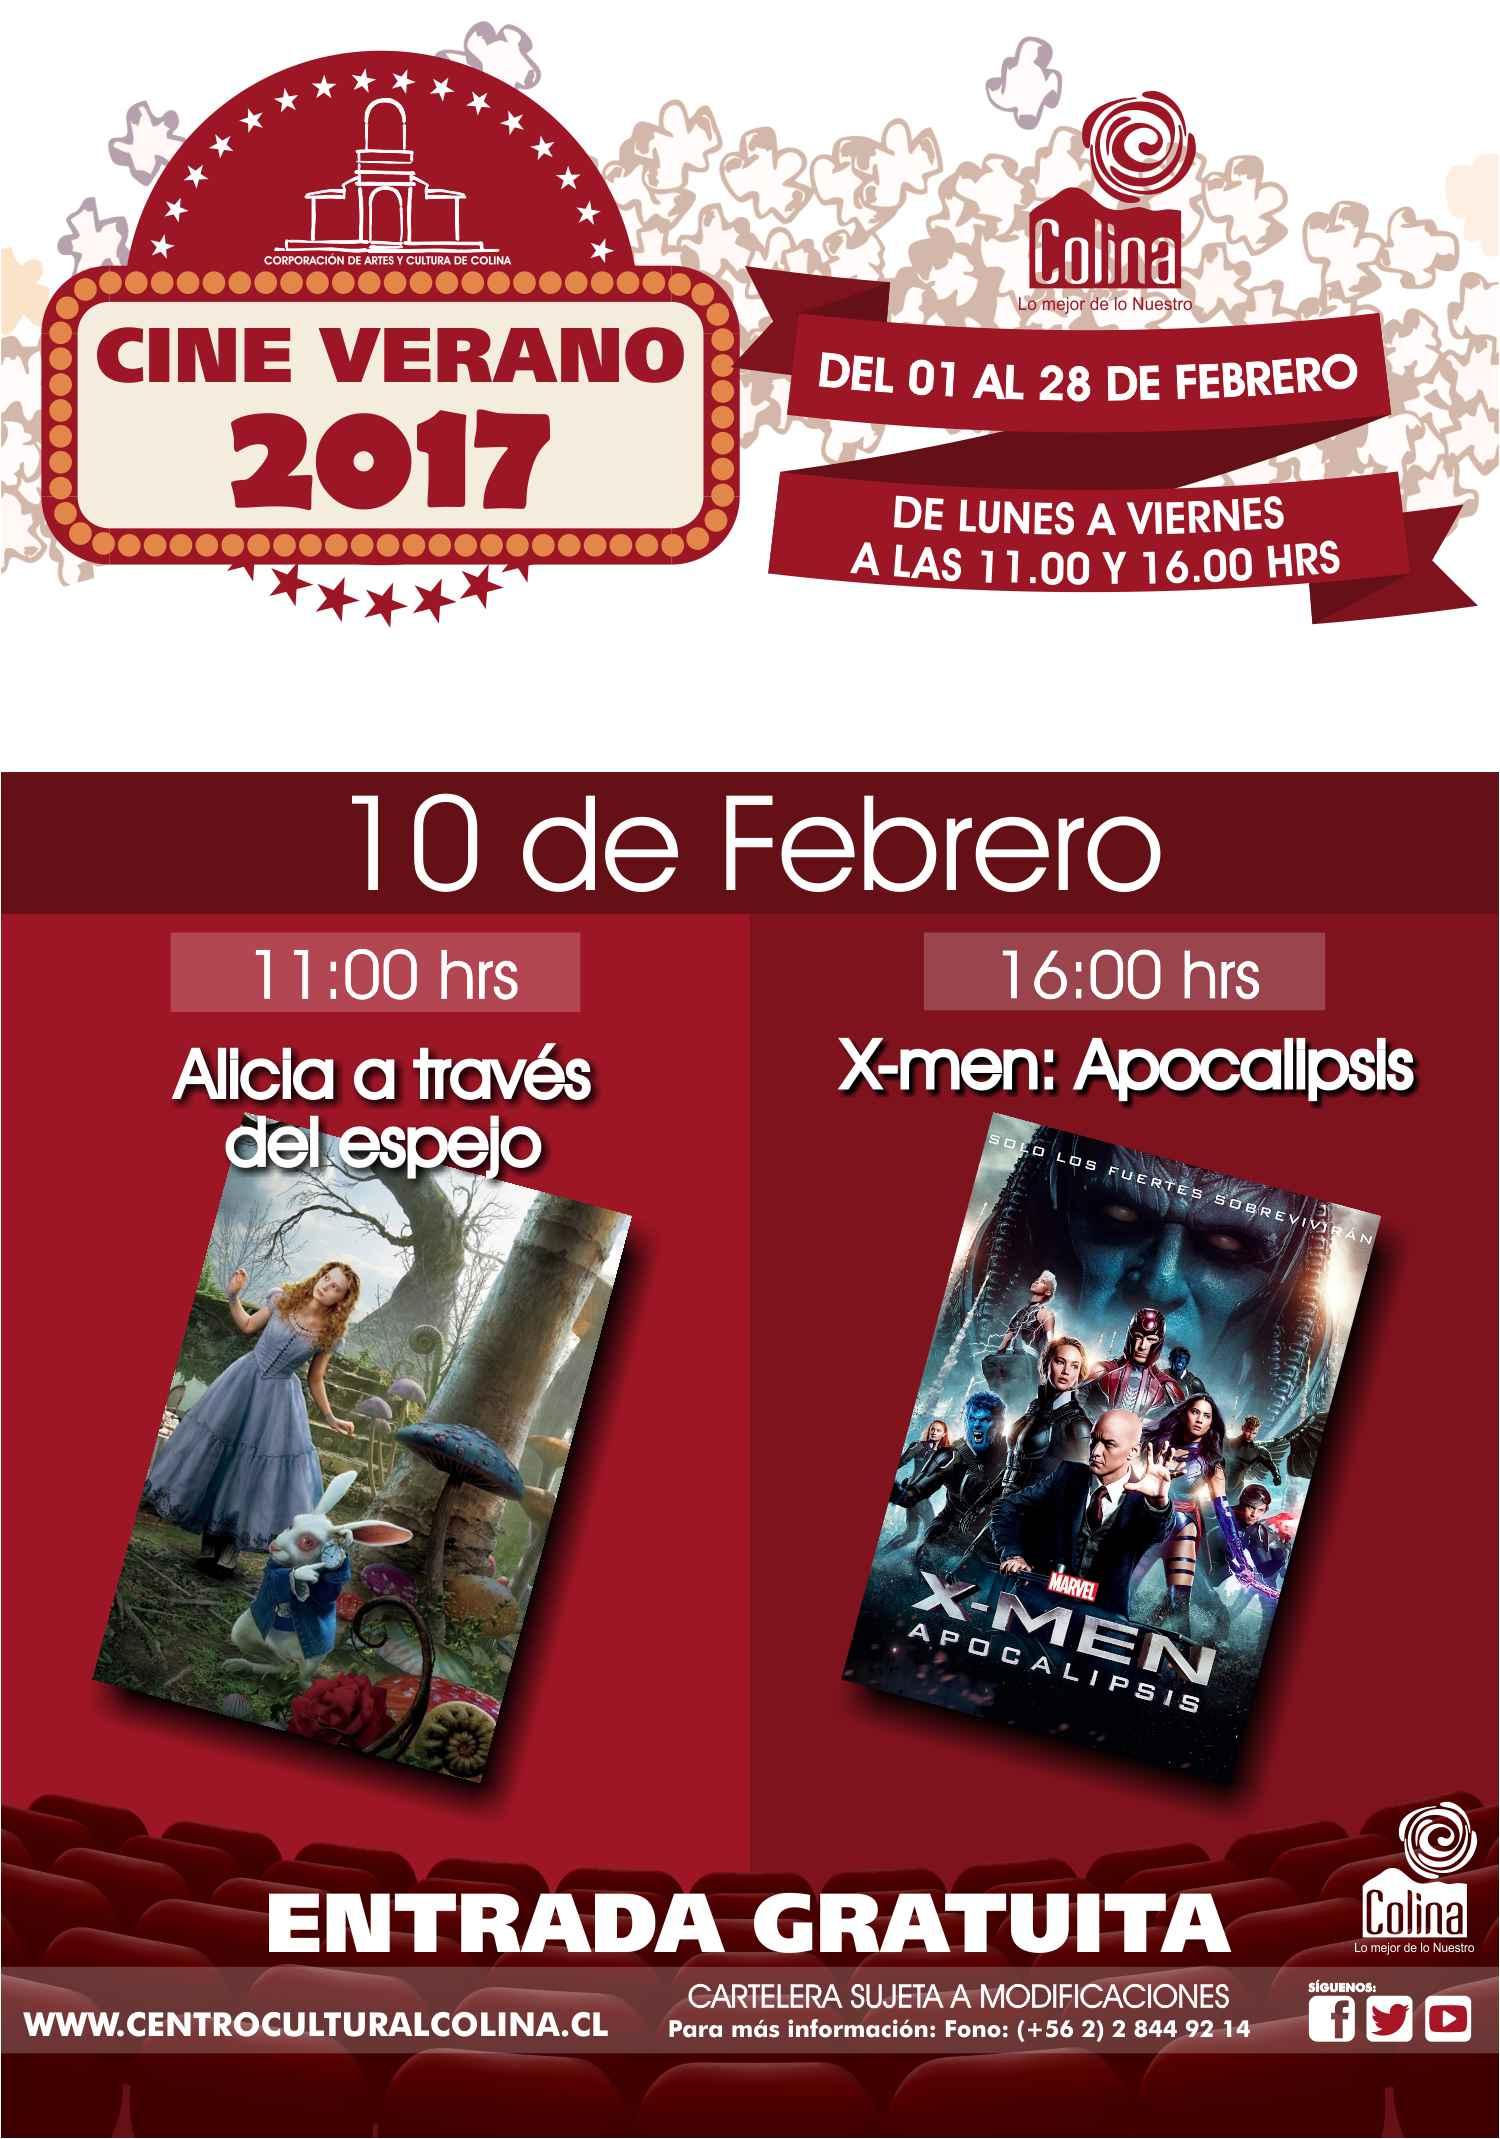 cine de verano 2017-10 de febrero